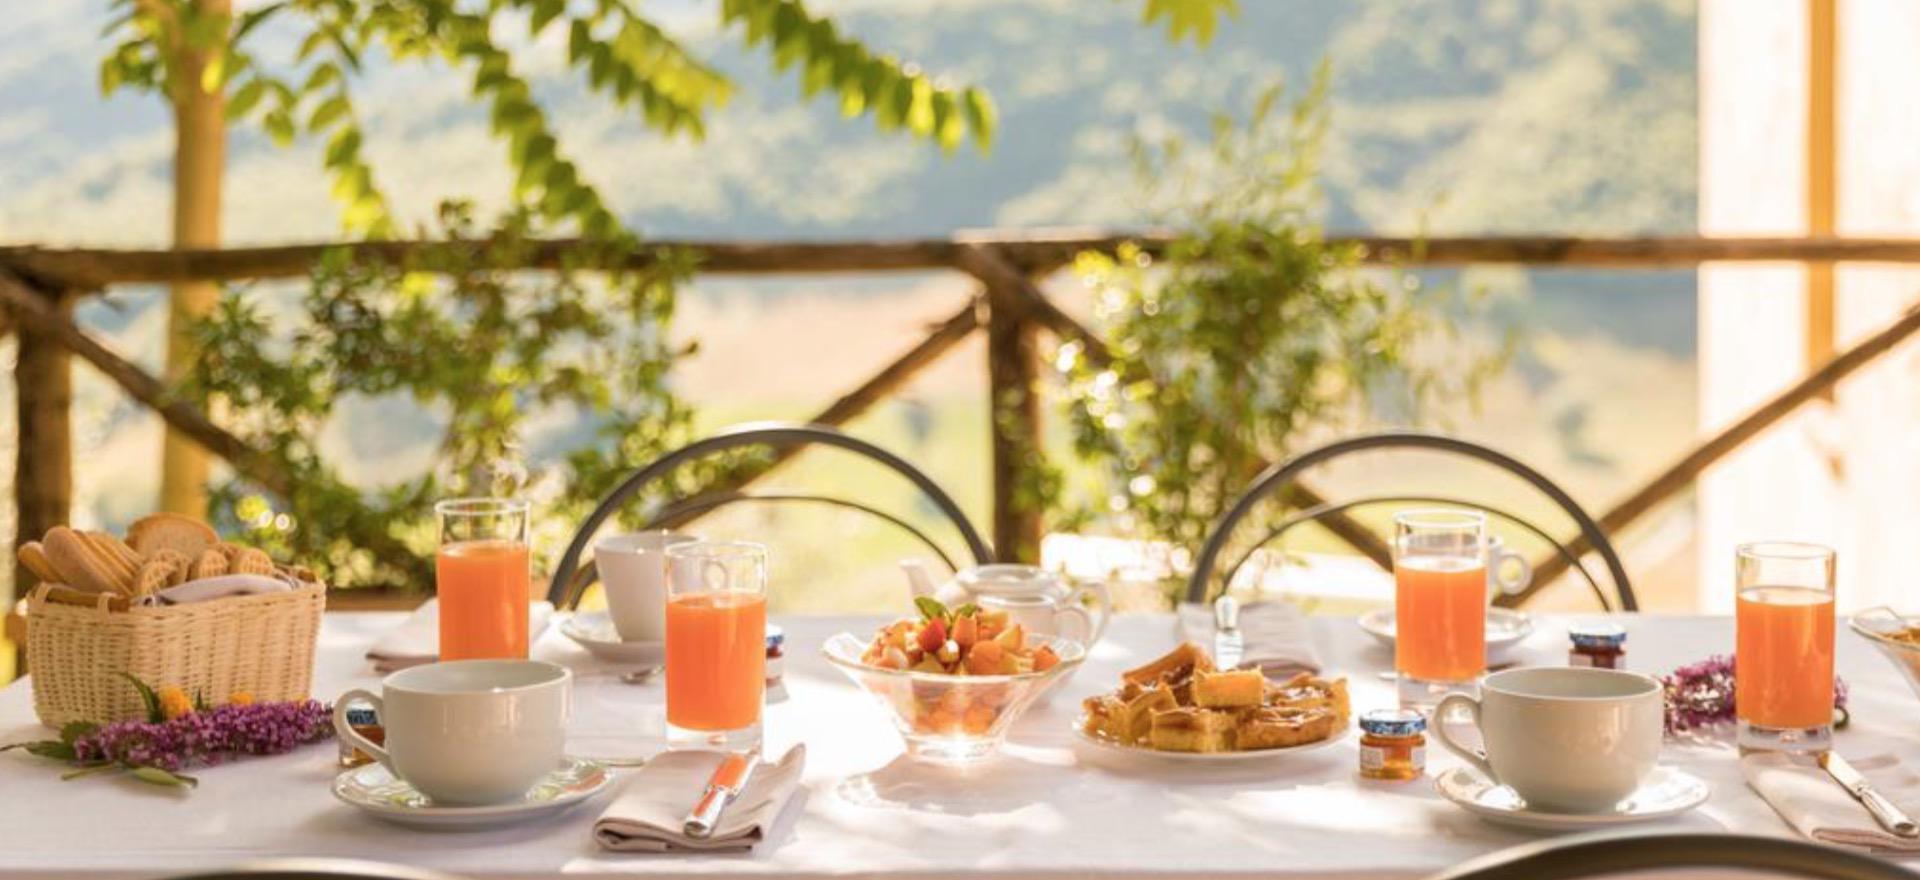 Agriturismo Umbrie Familievriendelijk resort in het hart van Umbrië